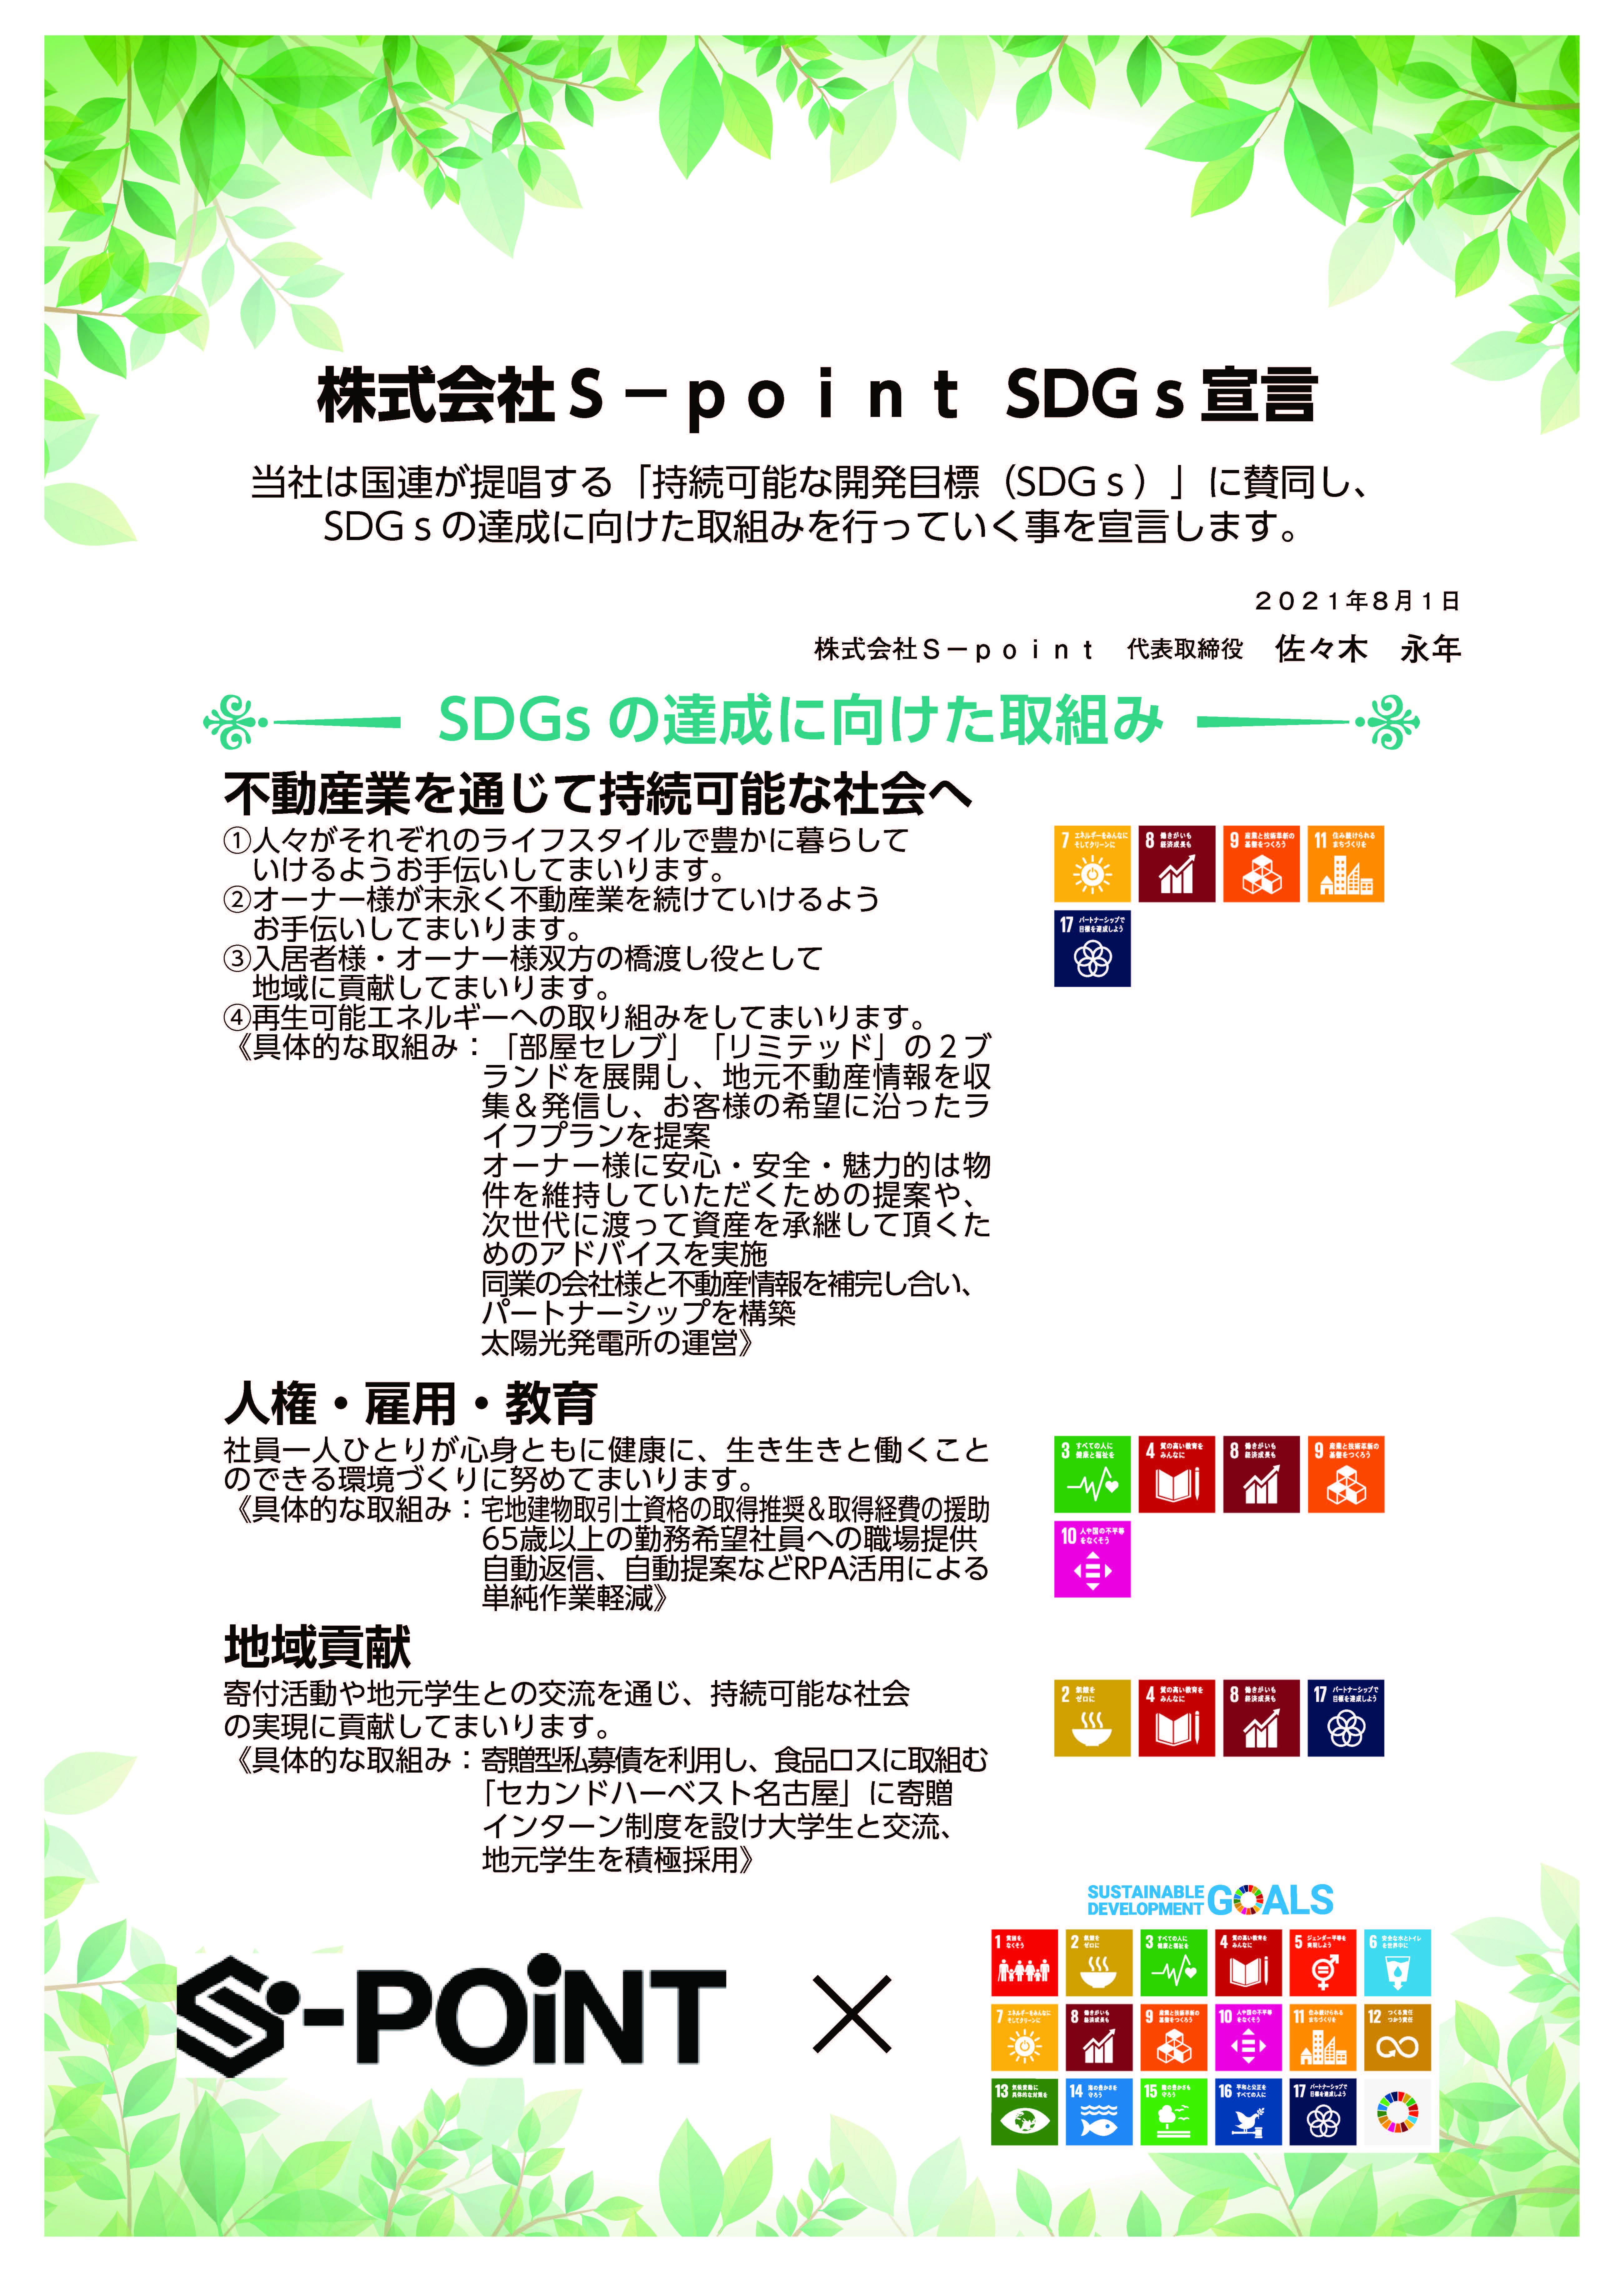 SDGs 宣言 原本